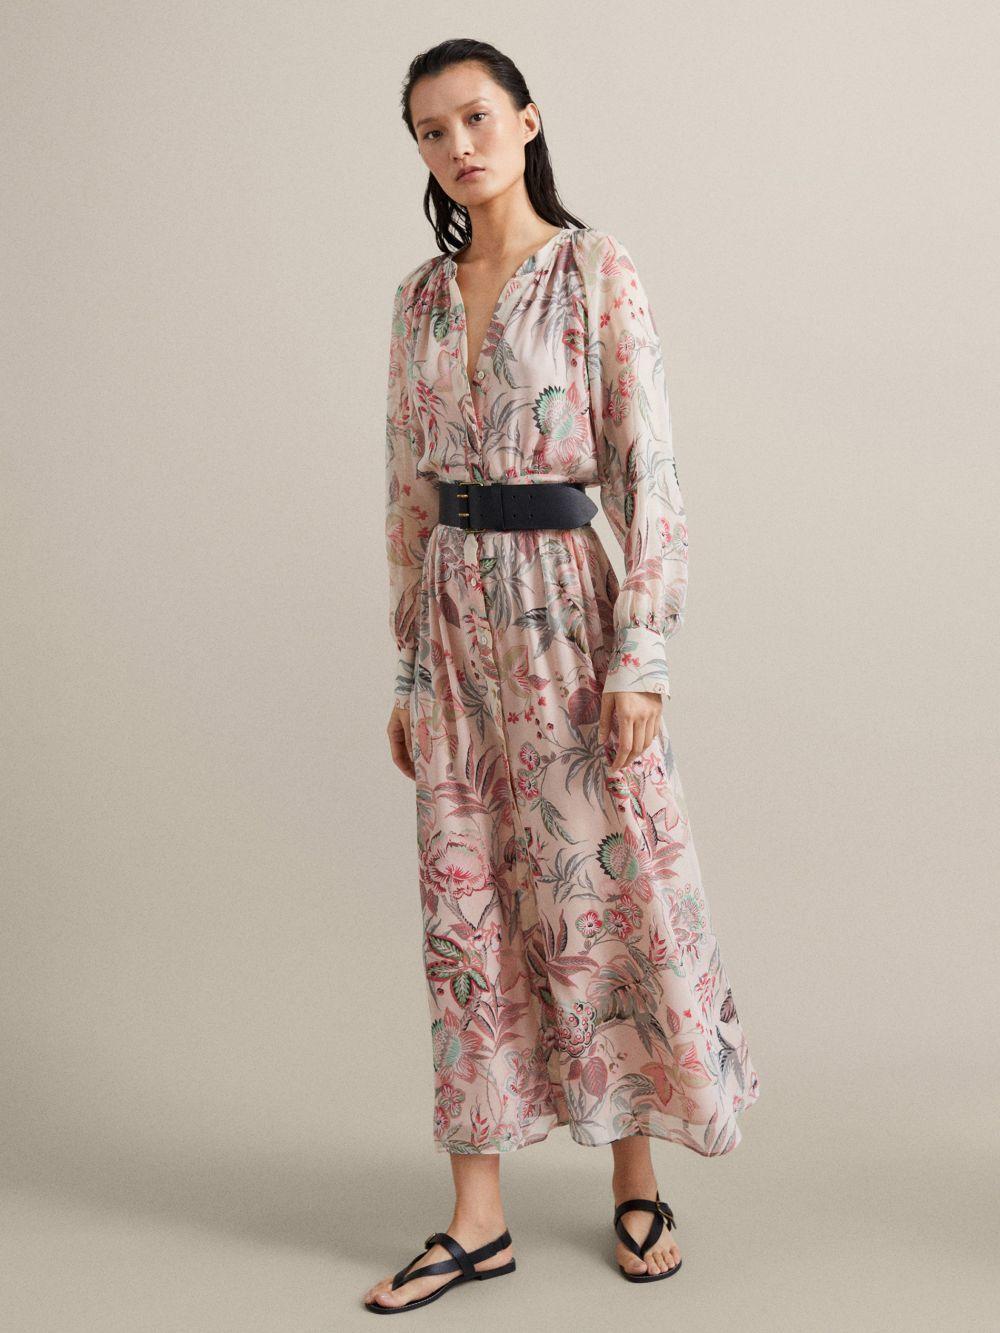 Vestido de flores, de Massimo Dutti (99,95 euros).